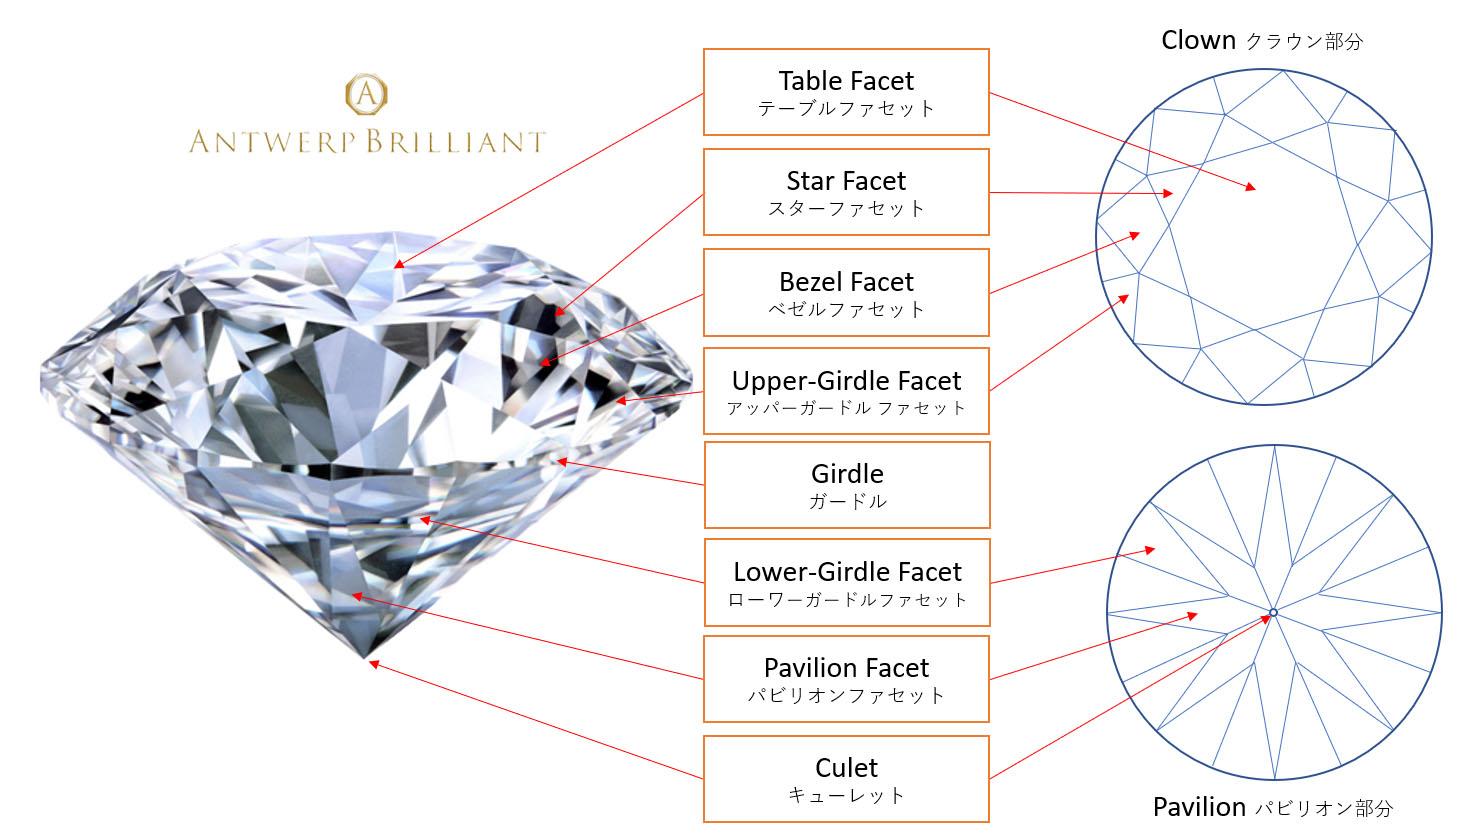 ラウンドブリリアントカット ファセット名 ダイヤモンドは由緒正しきボツワナ産IIDGRデビアスグループBRIDGE銀座